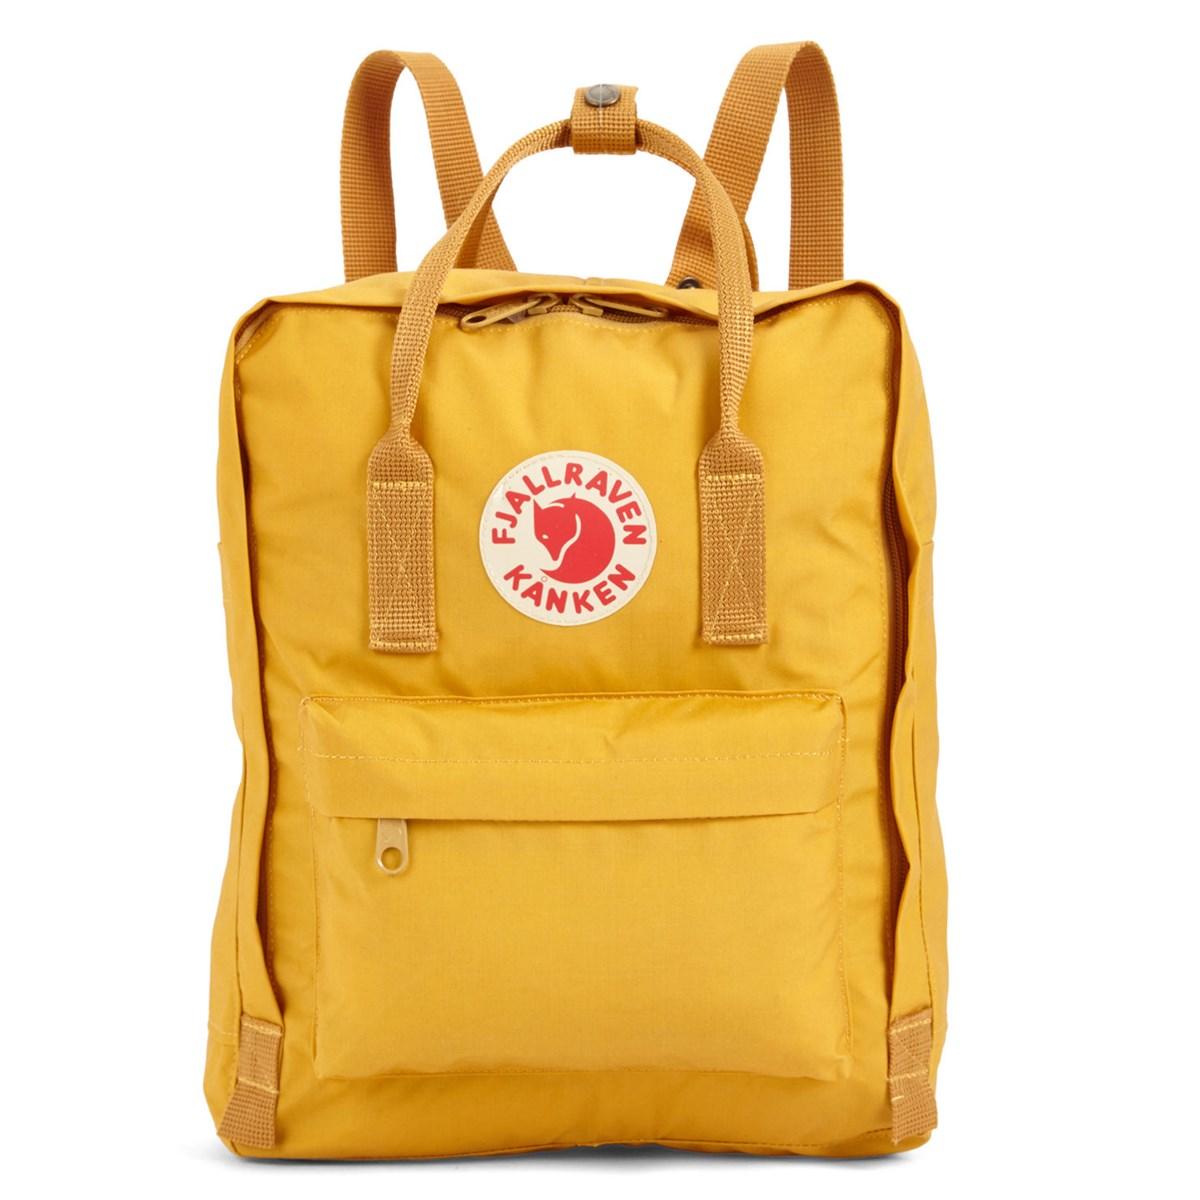 Kanken Backpack in Yellow